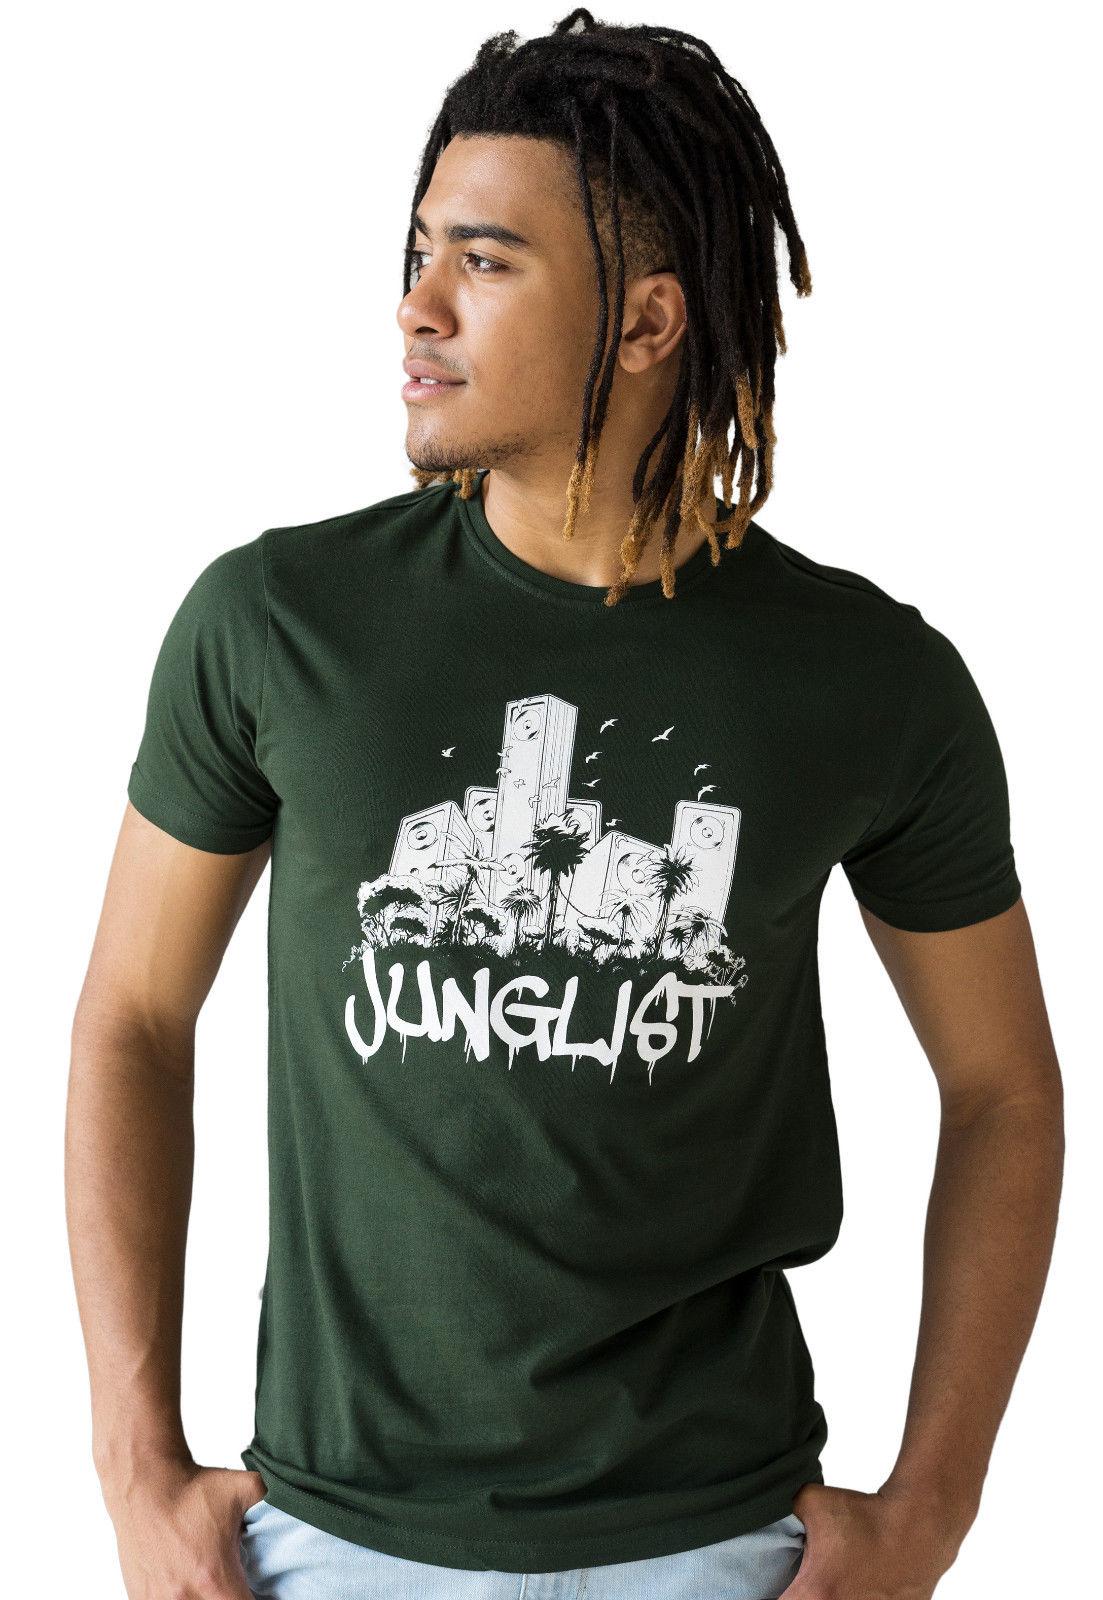 DJ T Shirt 808 AMEN TR-808 Drum and Bass /& n Junglist Neurofunk Dubstep Mens Tee